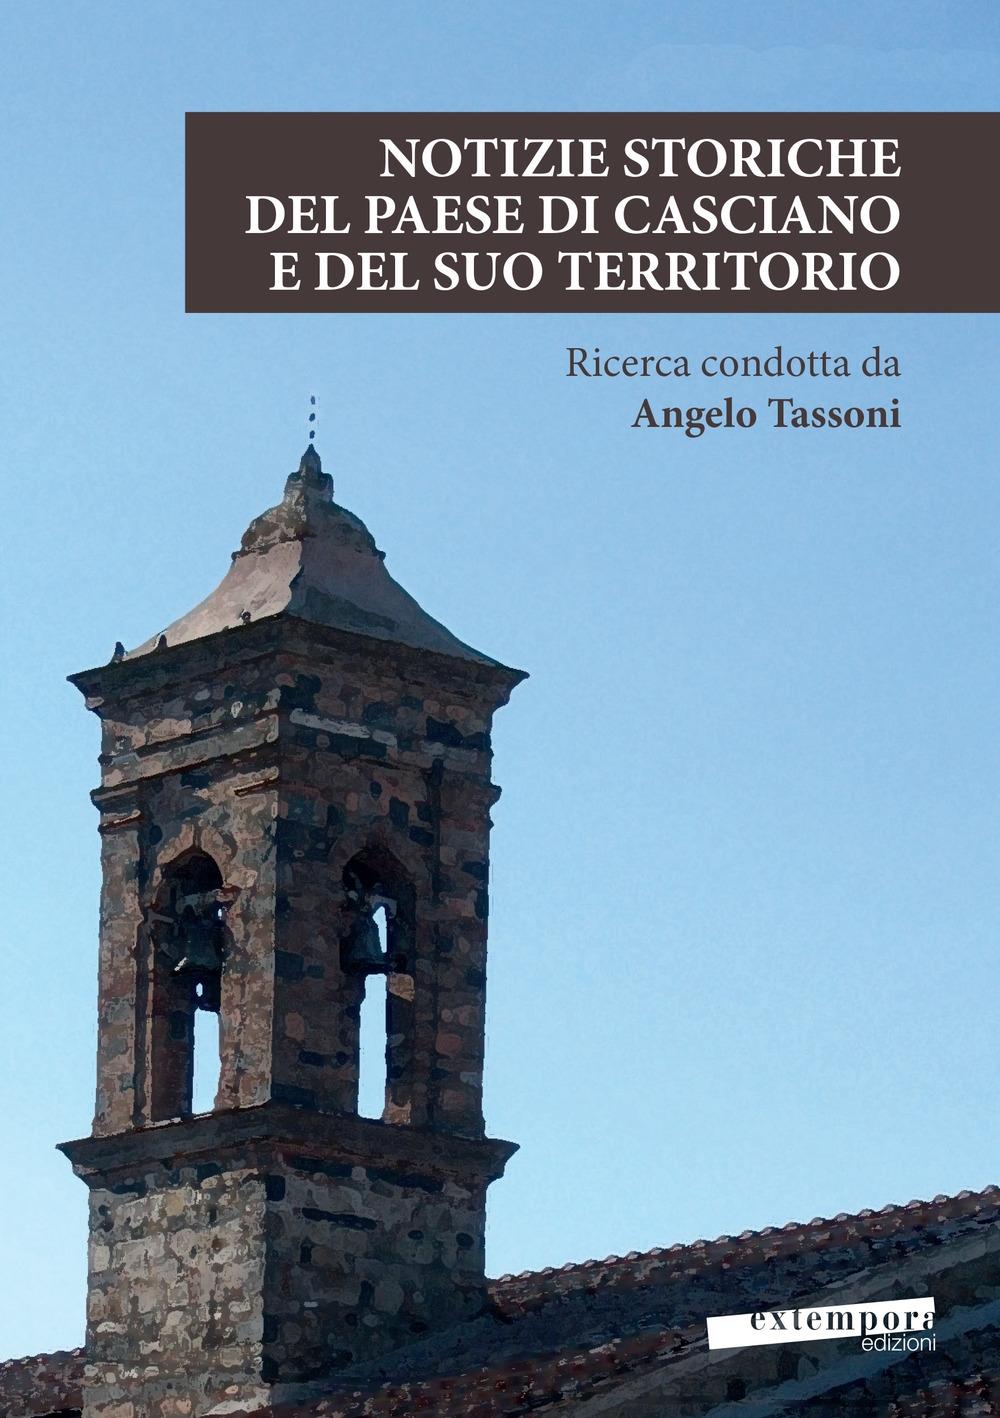 Notizie storiche del paese di Casciano e del suo territorio